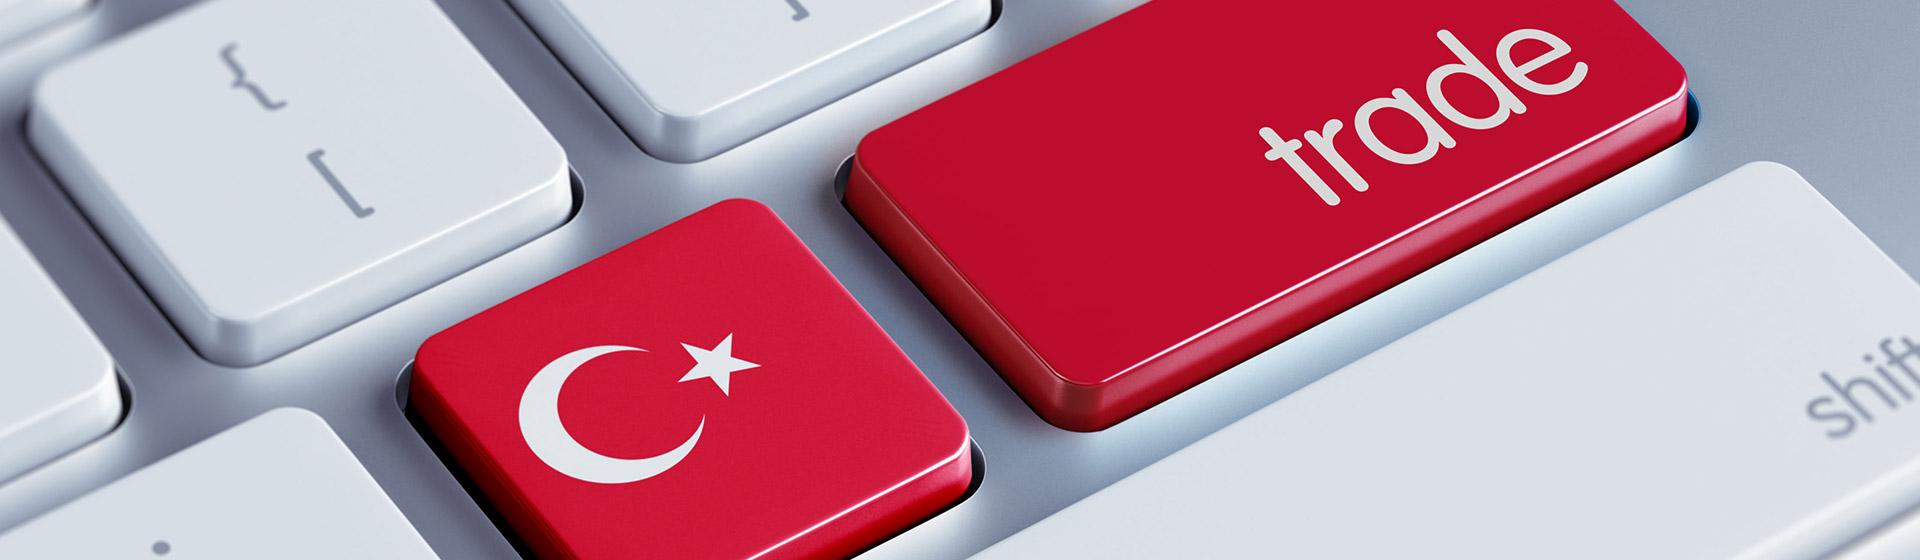 מקלדת מחשב עם דגל טורקיה